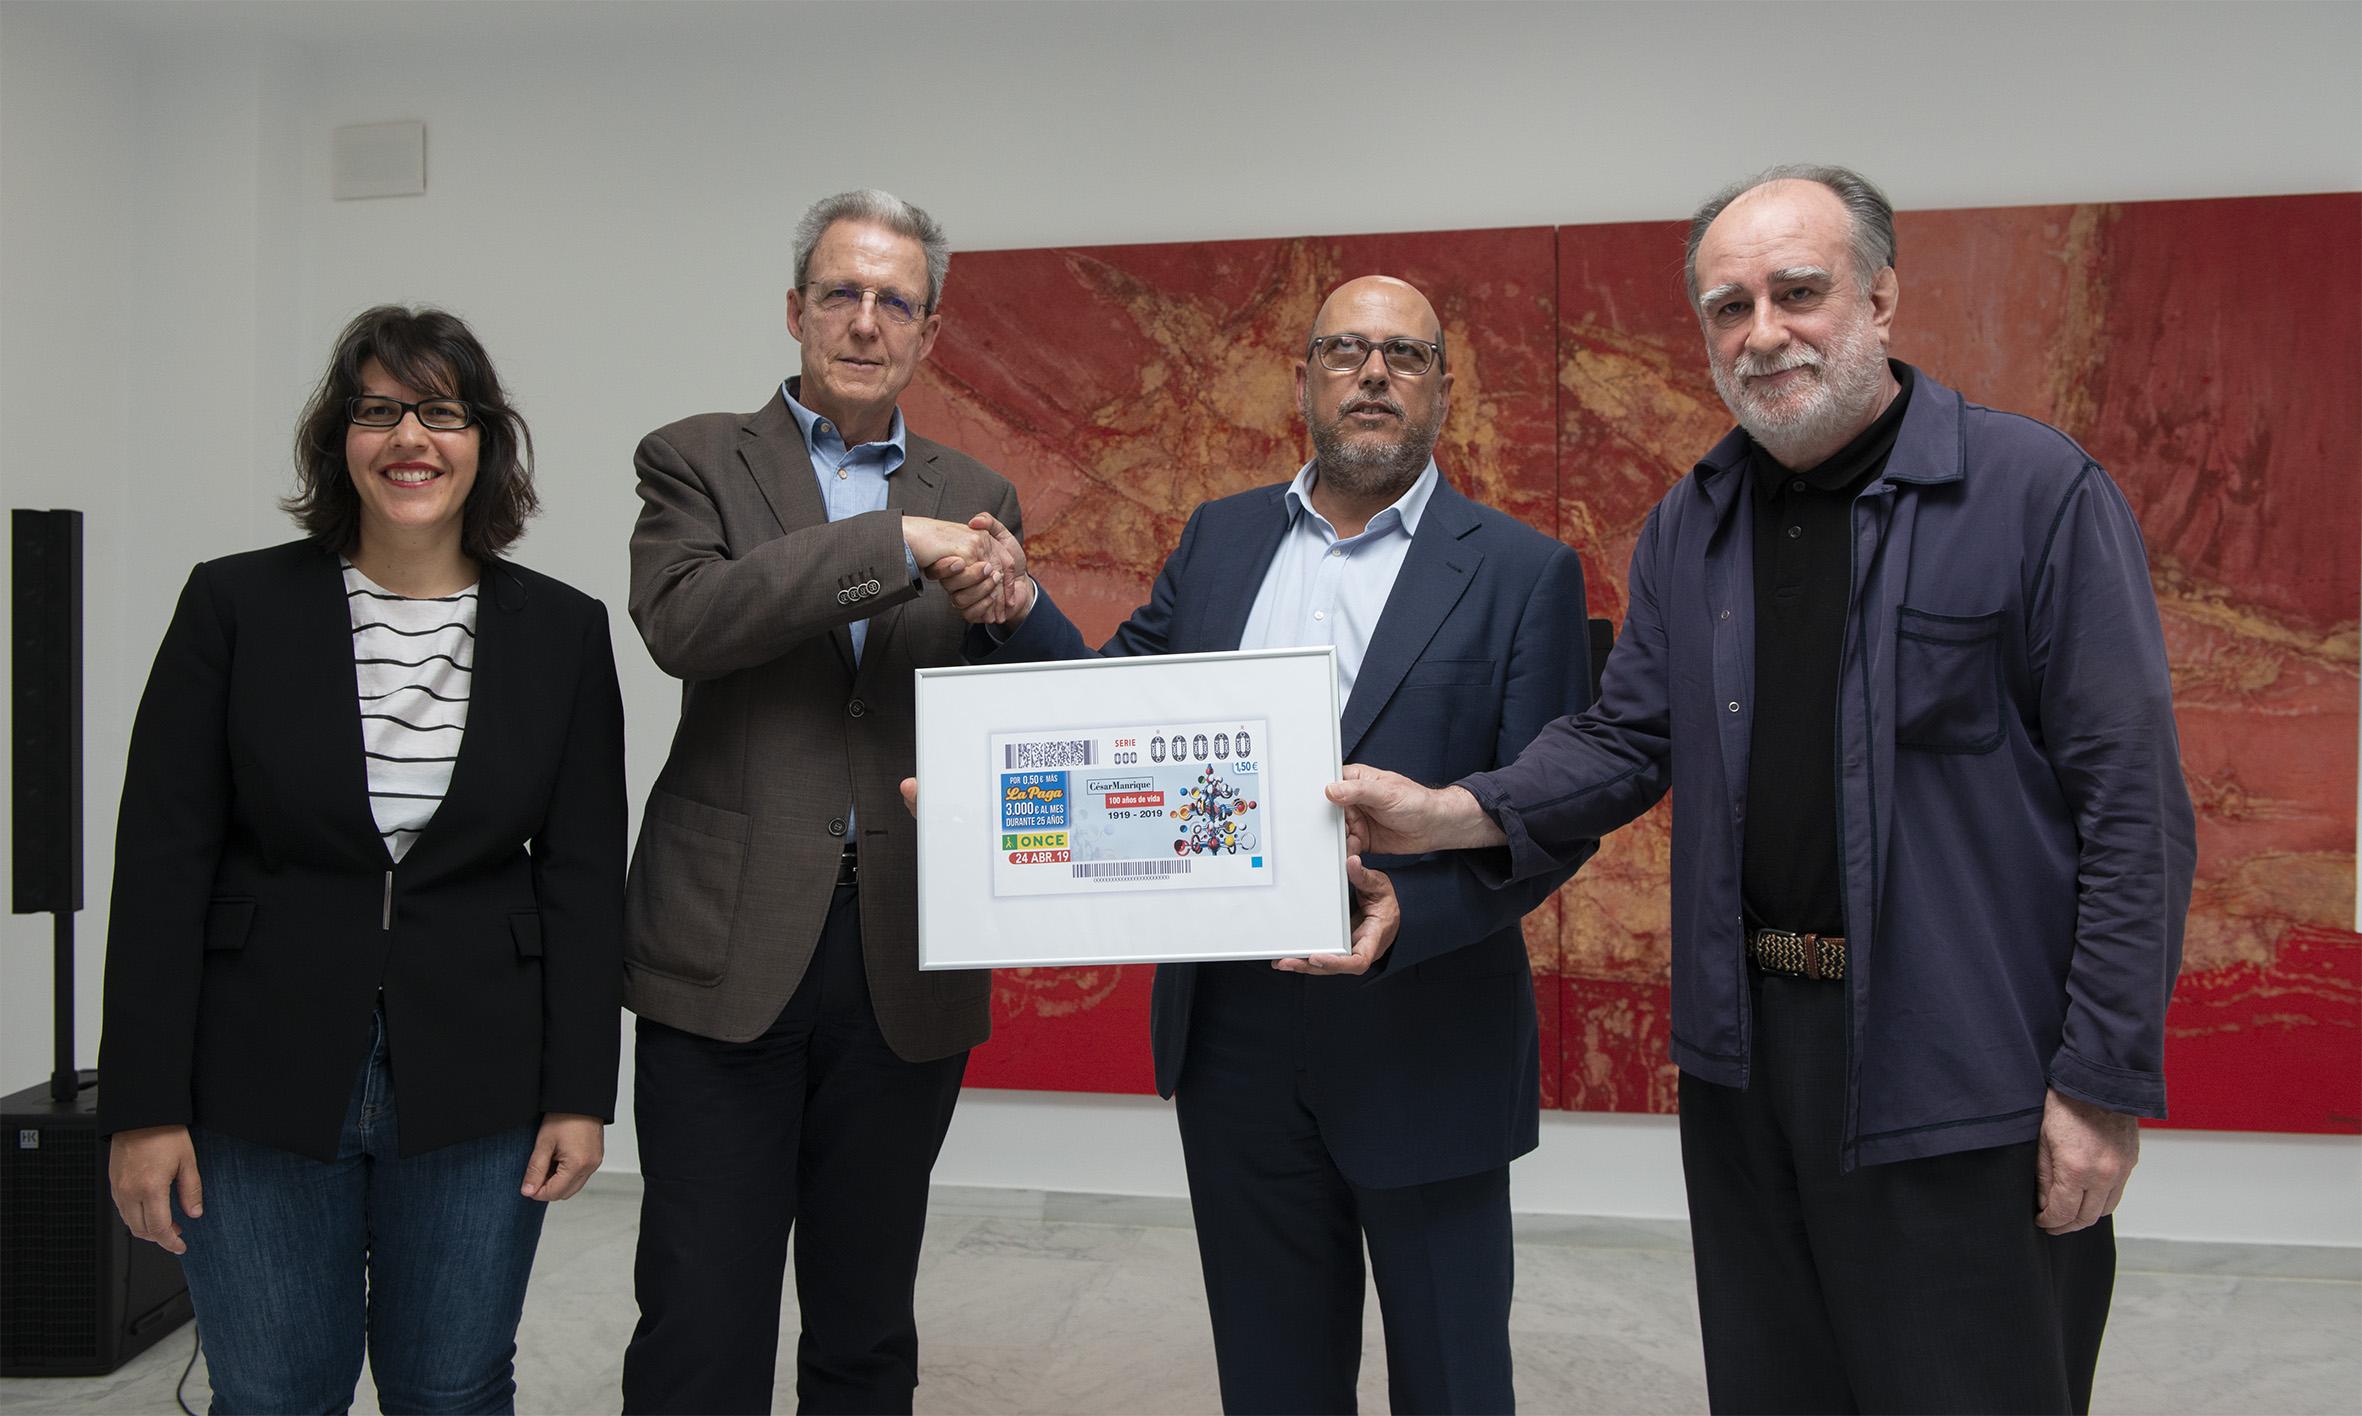 El cupón de la ONCE homenajea a César Manrique en el centenario de su nacimiento